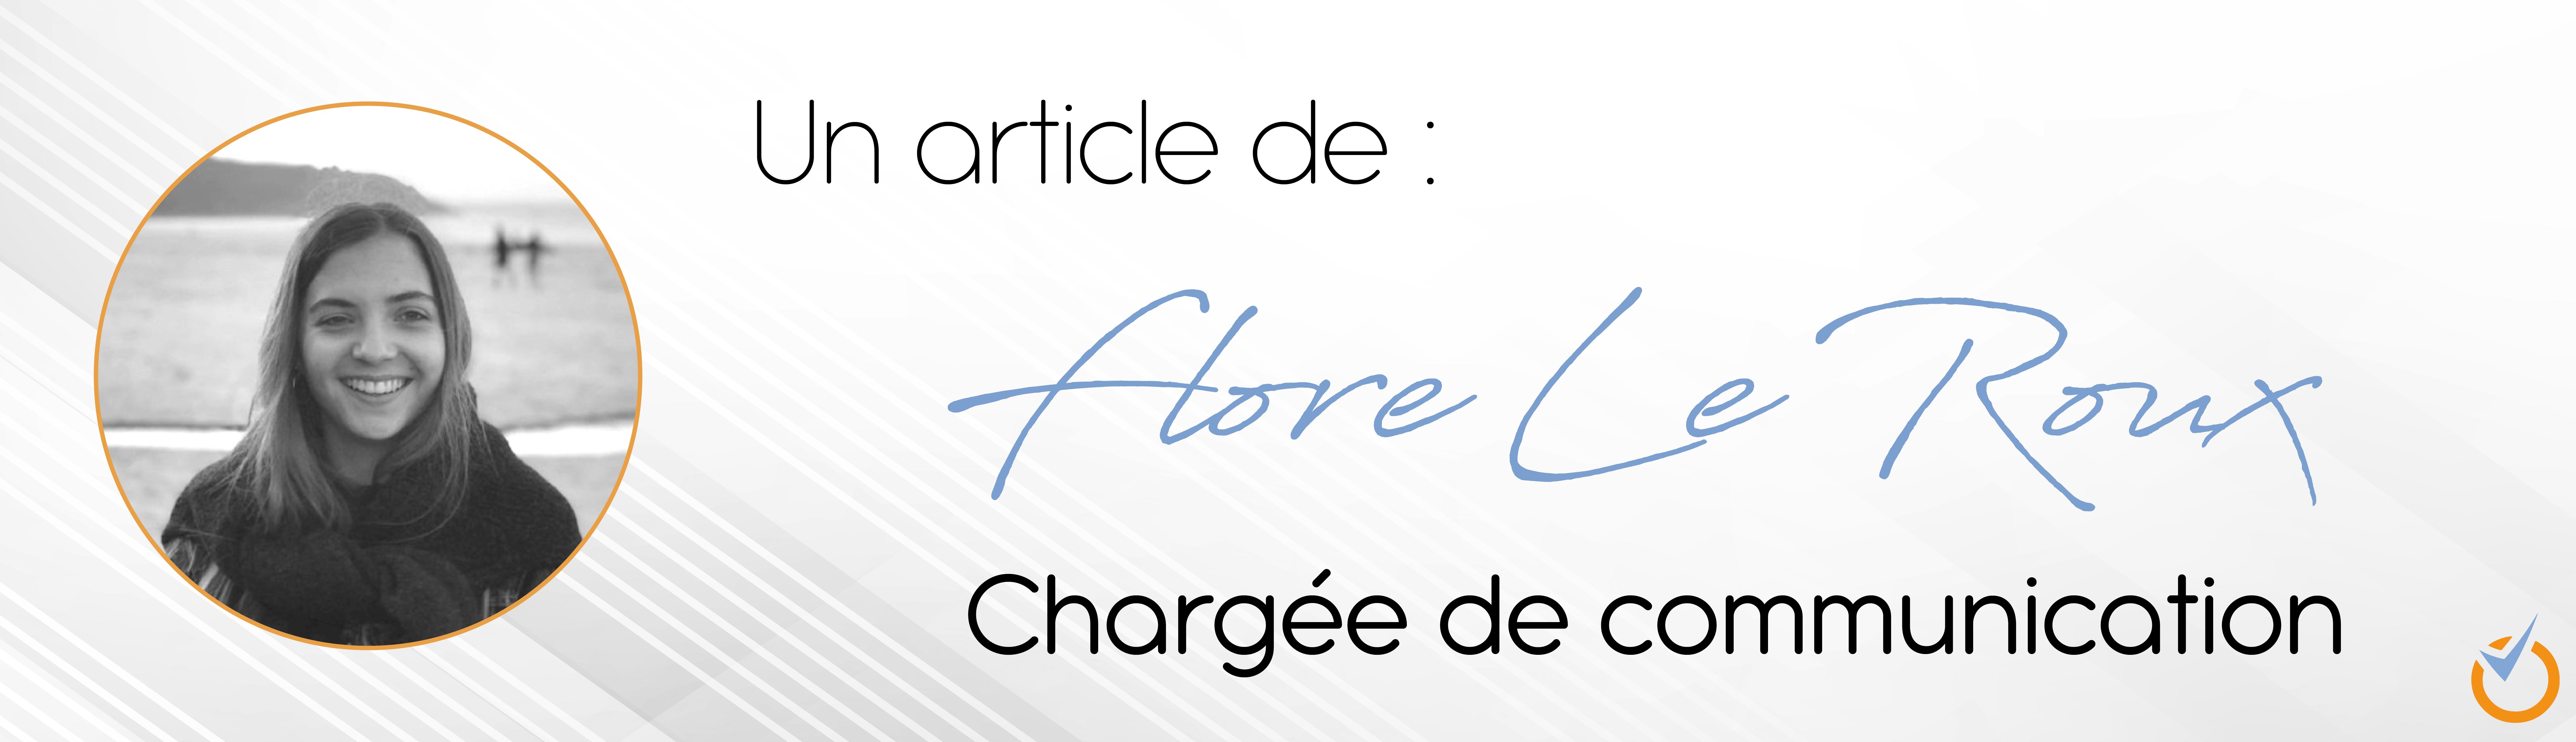 Article Flore cabinet ace chargée de communication